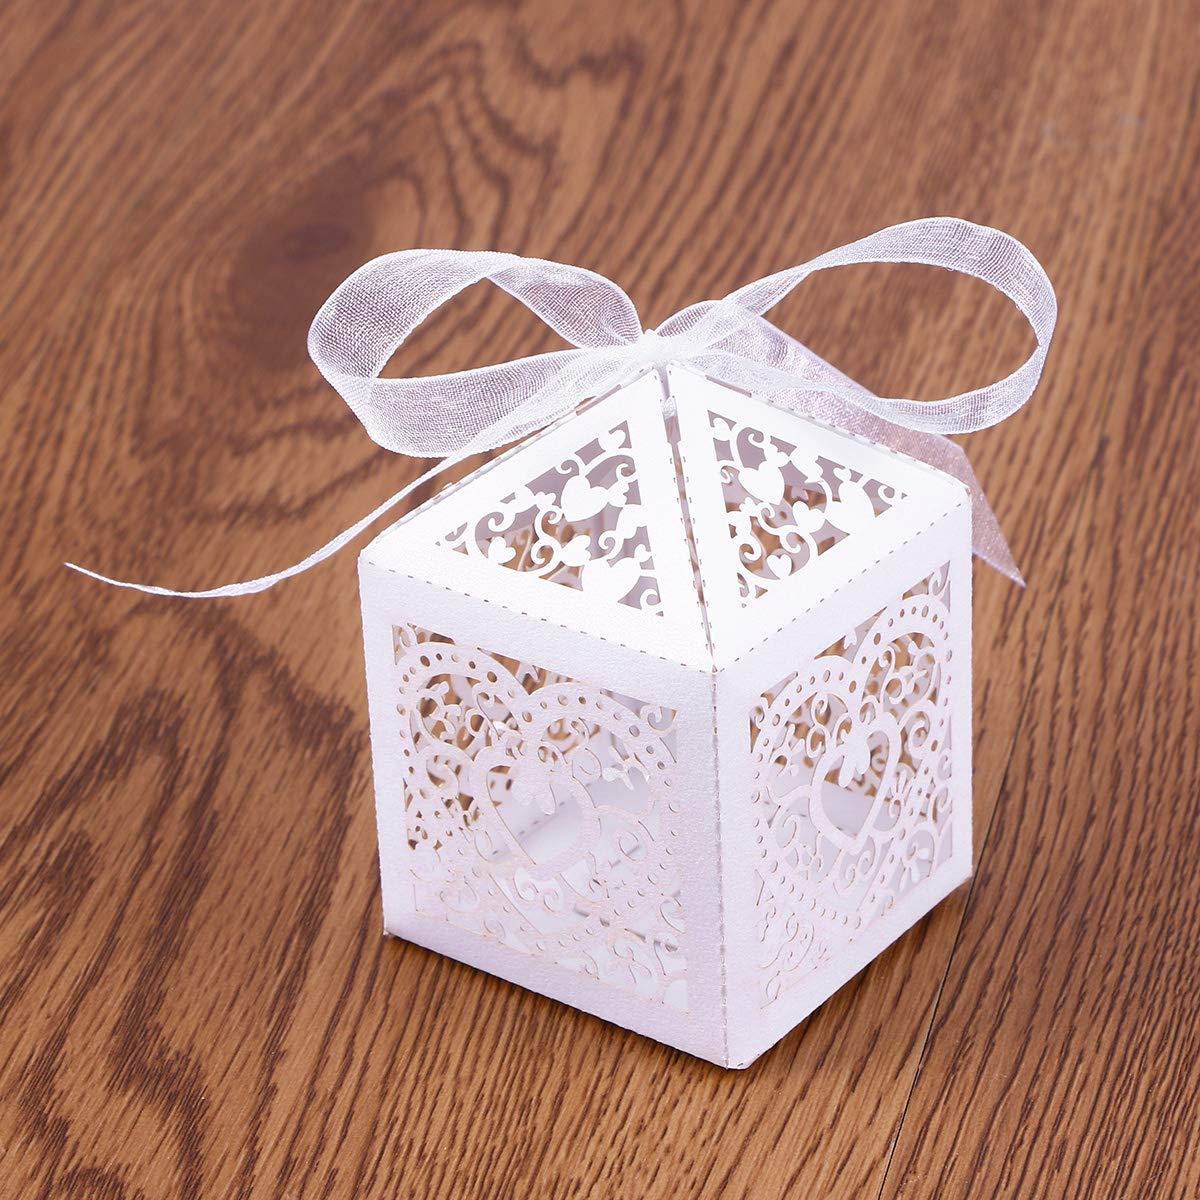 Amazon.es: YeahiBaby Cajas de Caramelos Bombones Dulce Chocolate de Papel Cajas de Regalo para Fiesta Boda Decoraciones del Regalo de Cumpleaños Laser 50 ...